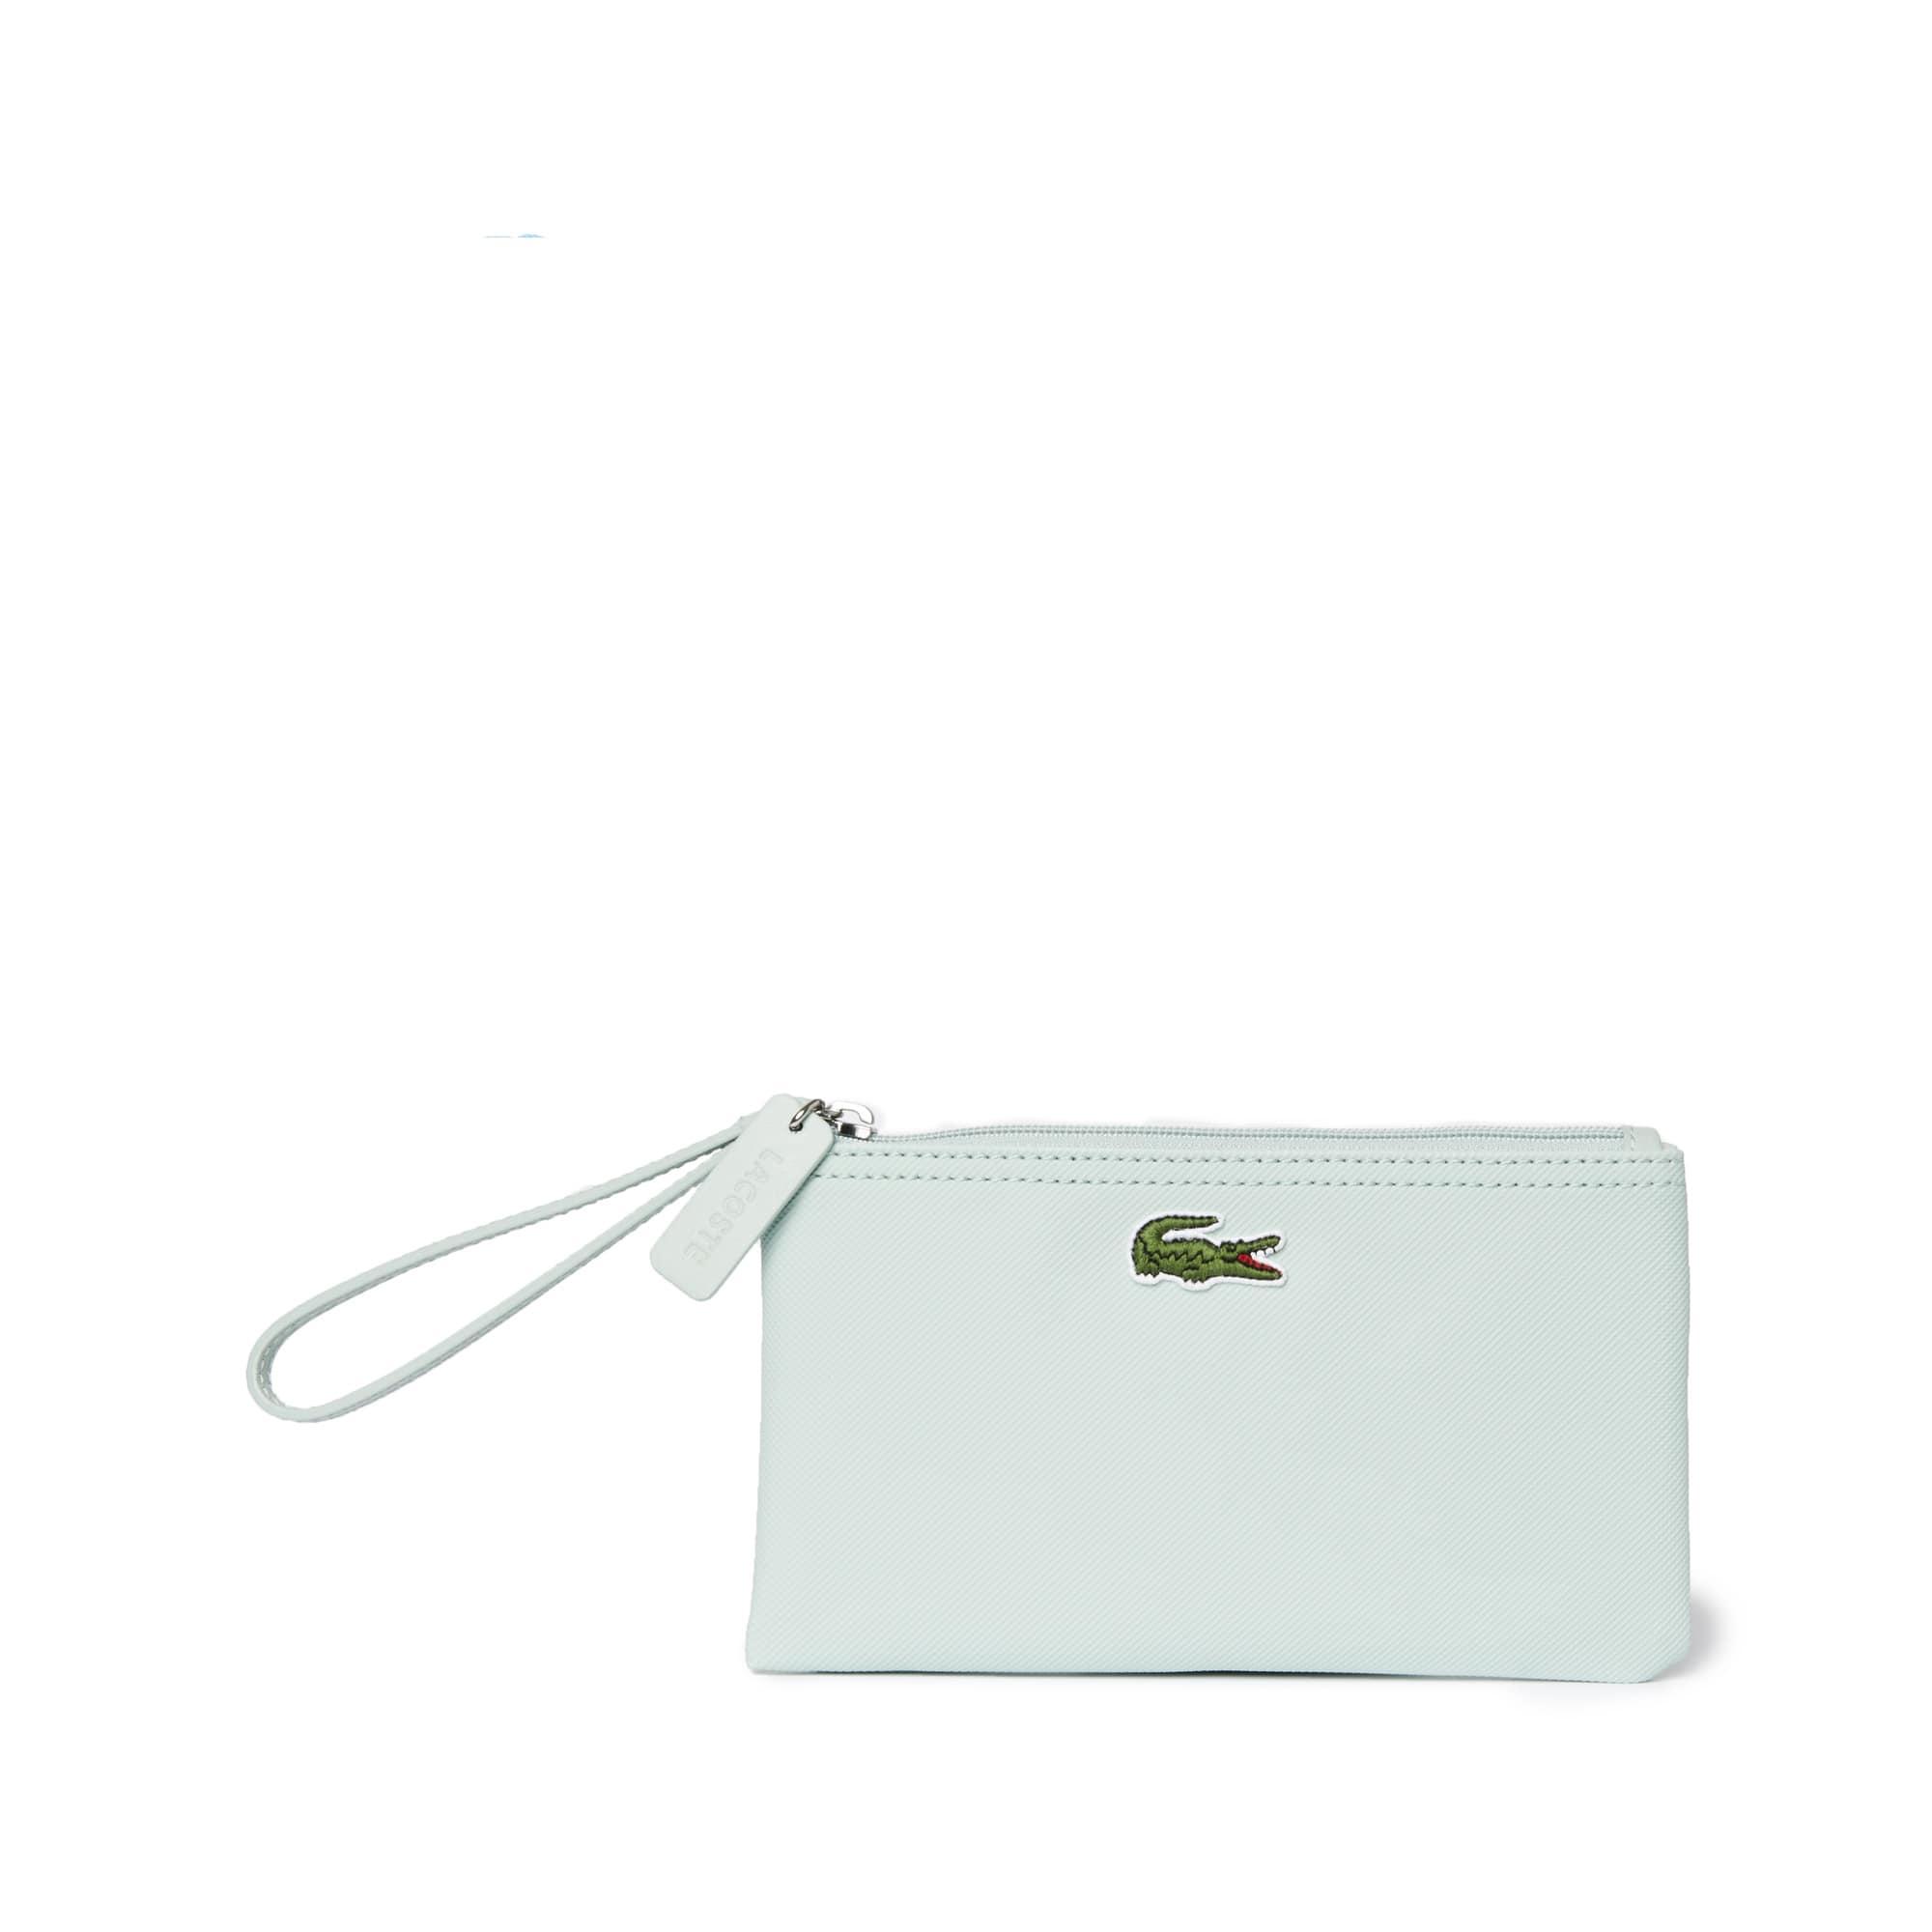 L.12.12 Concept-Pochette-Tasche